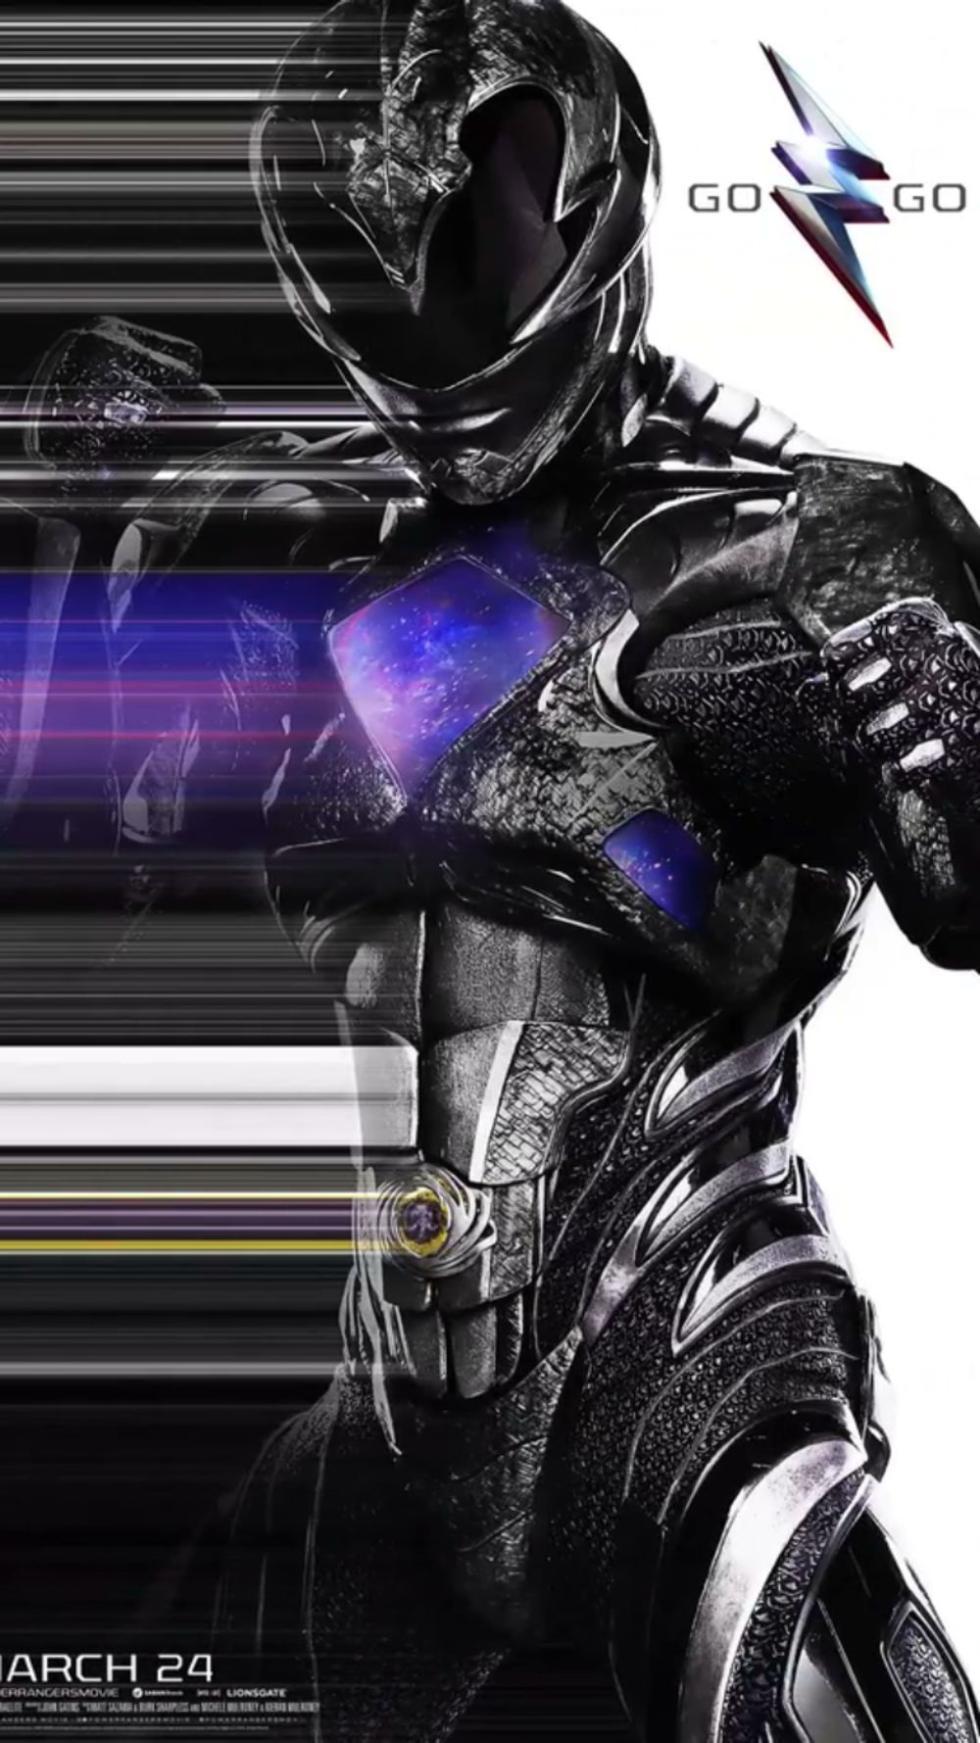 Power Rangers - Nuevos pósters de la película